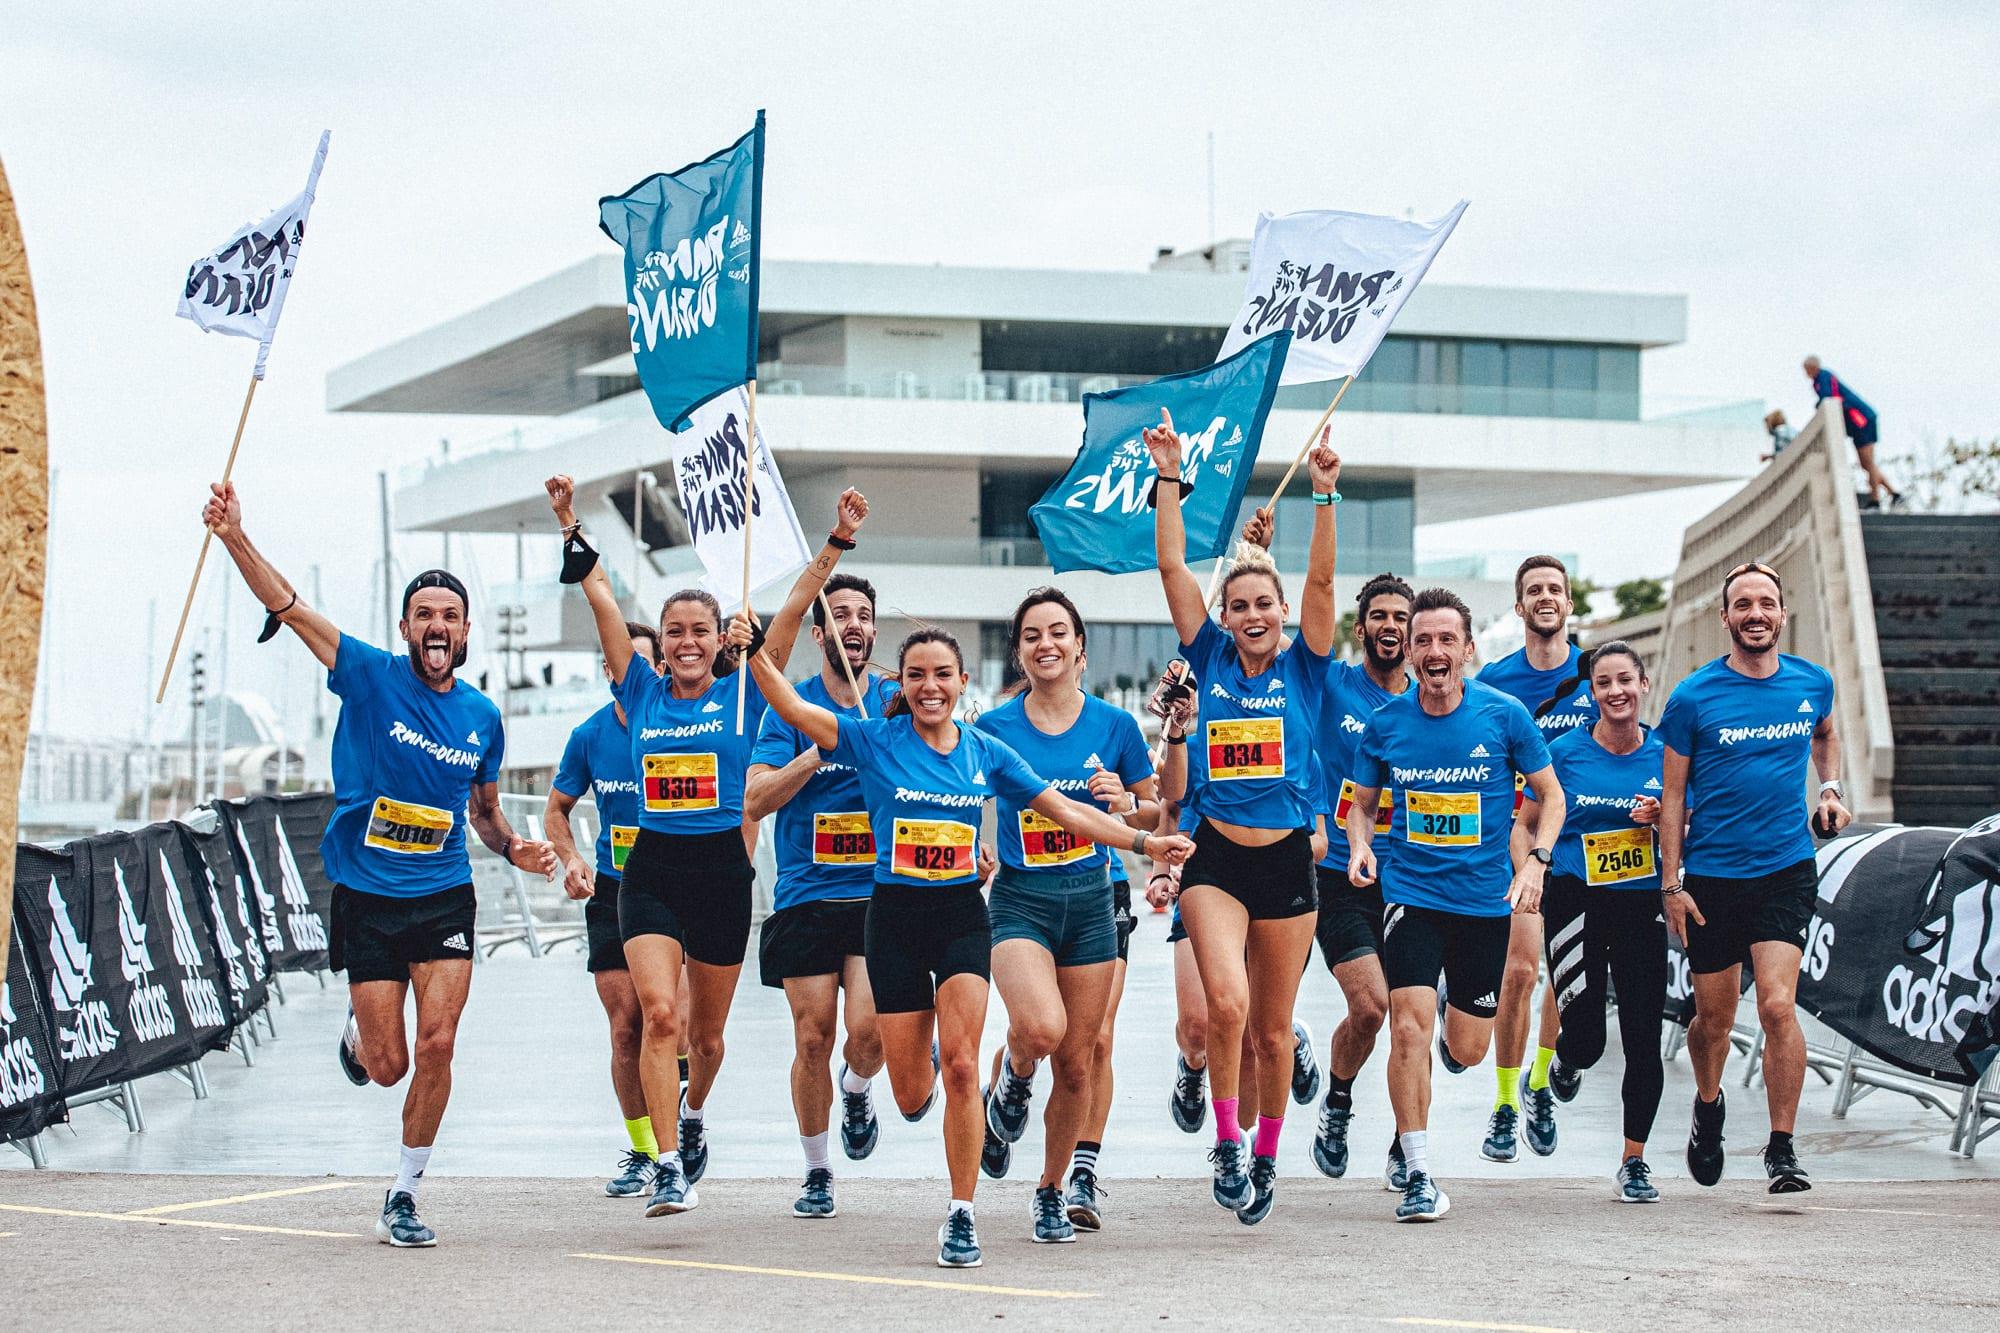 València reúne a cientos de corredores y corredoras para luchar contra la contaminación en los océanos.